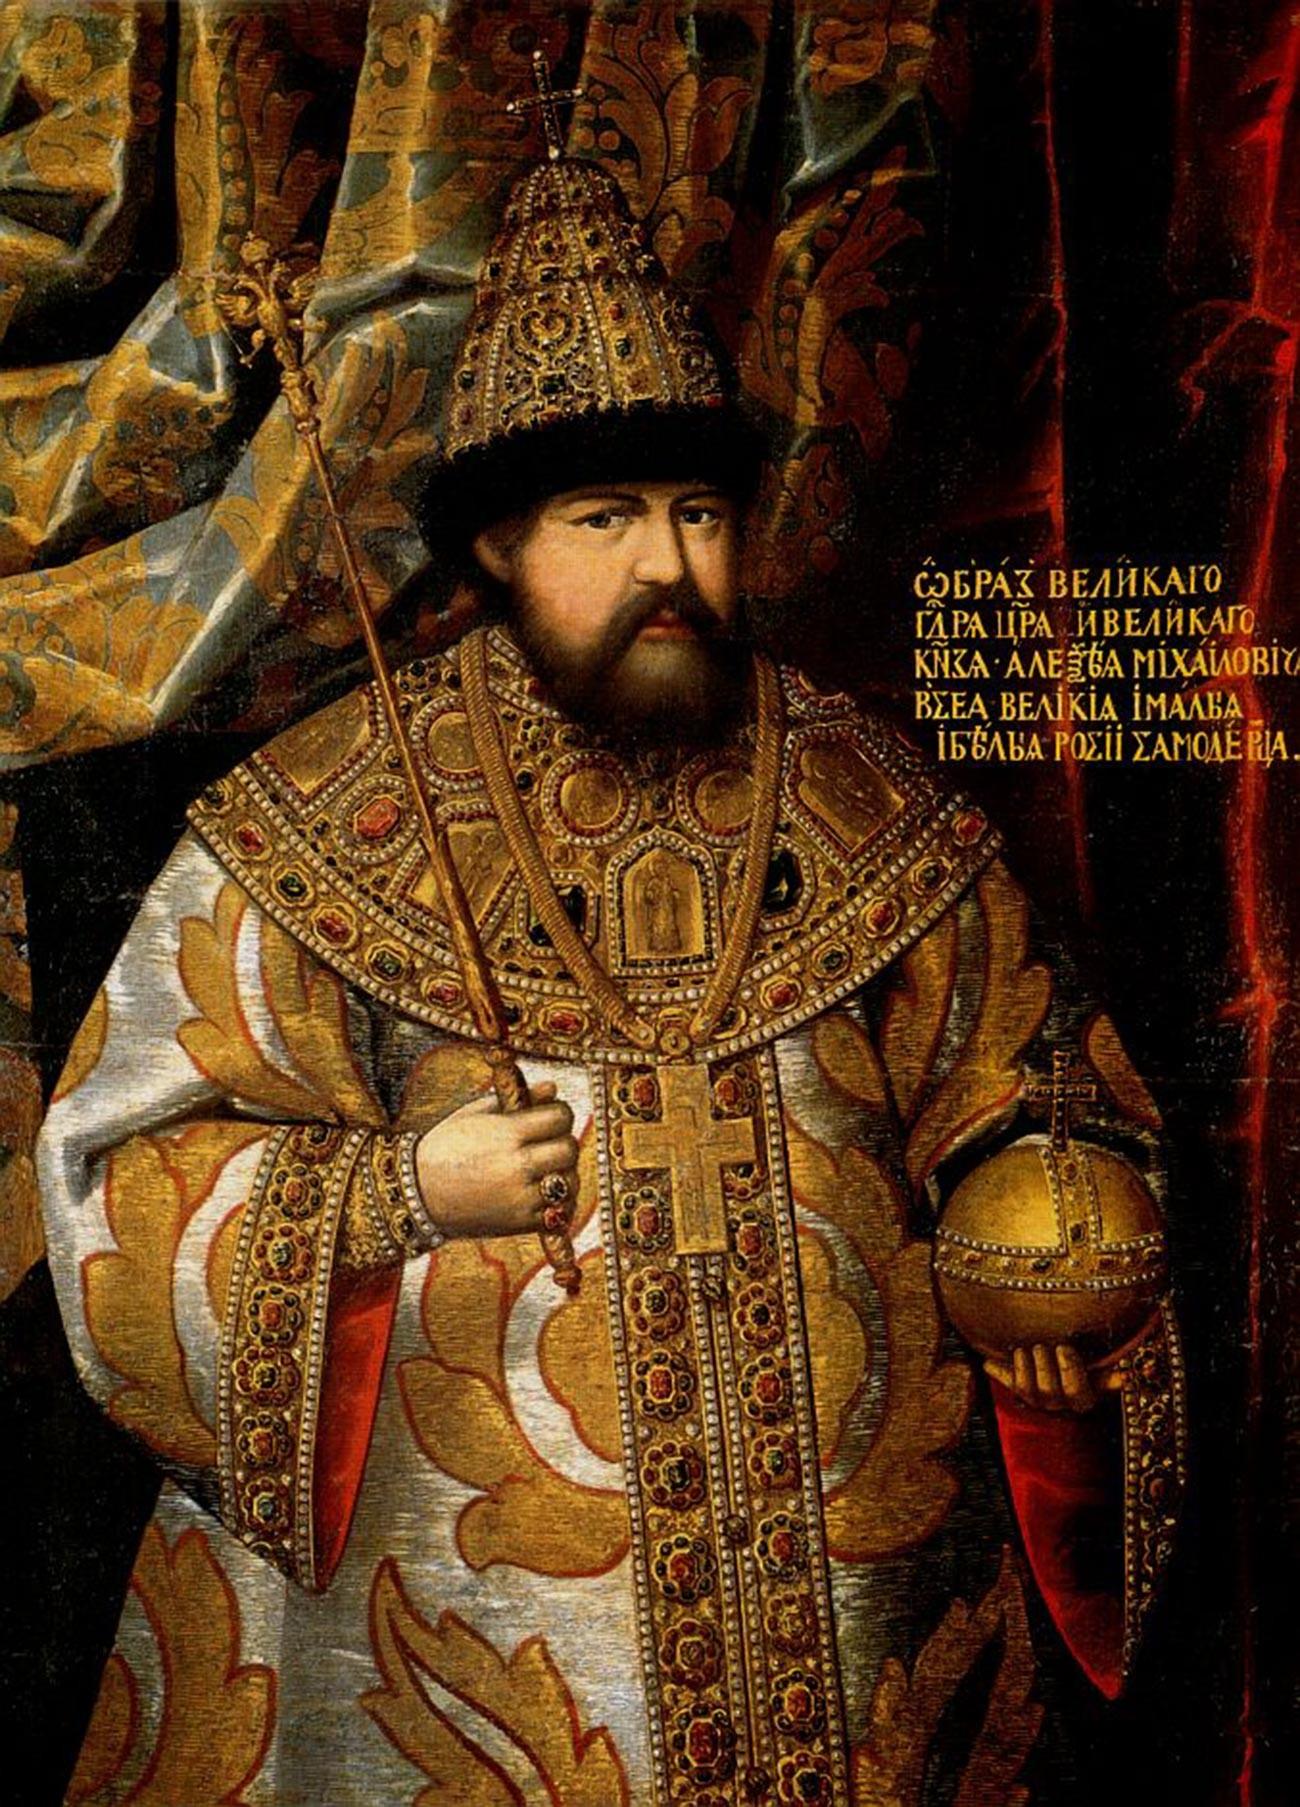 Цар Алексеј Михајлович